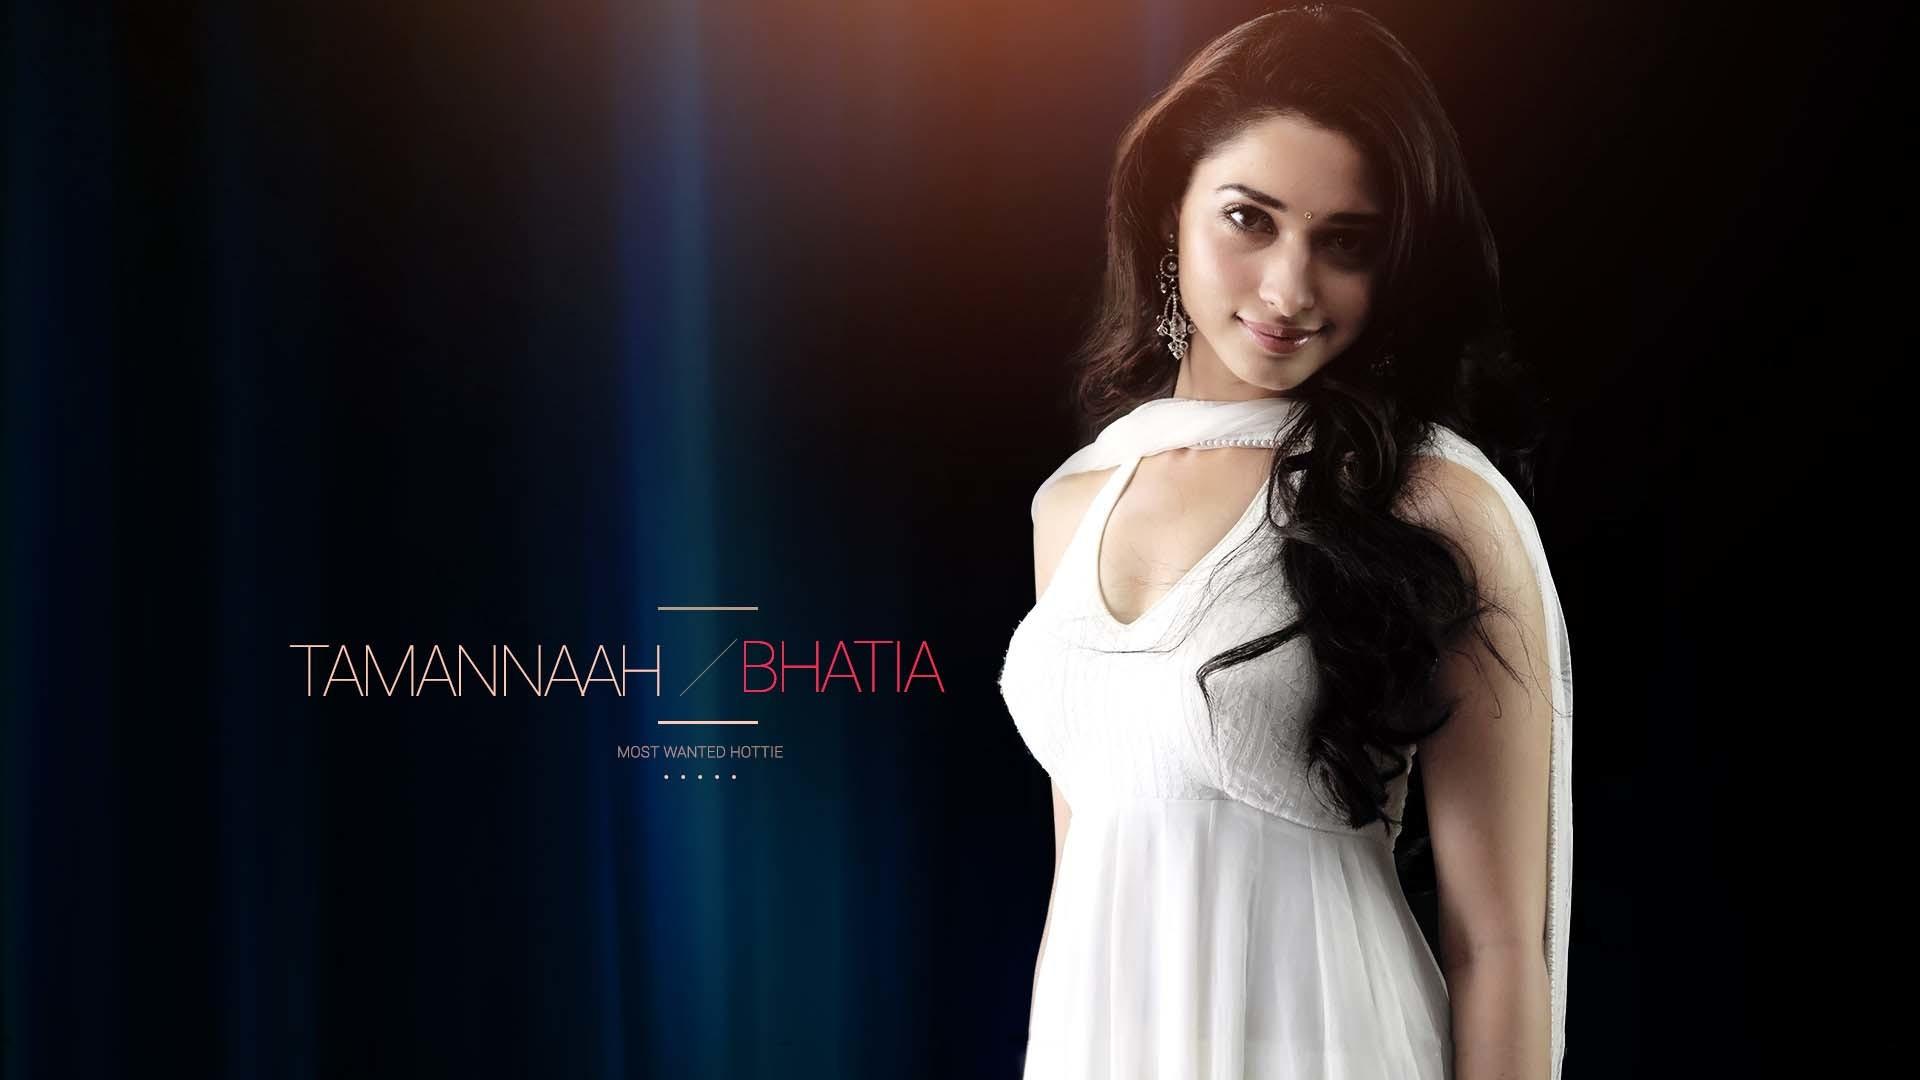 Tamanna Bhatia Wallpapers 1080p: Tamanna Bhatia HD Wallpapers 1920x1080 (83+ Images